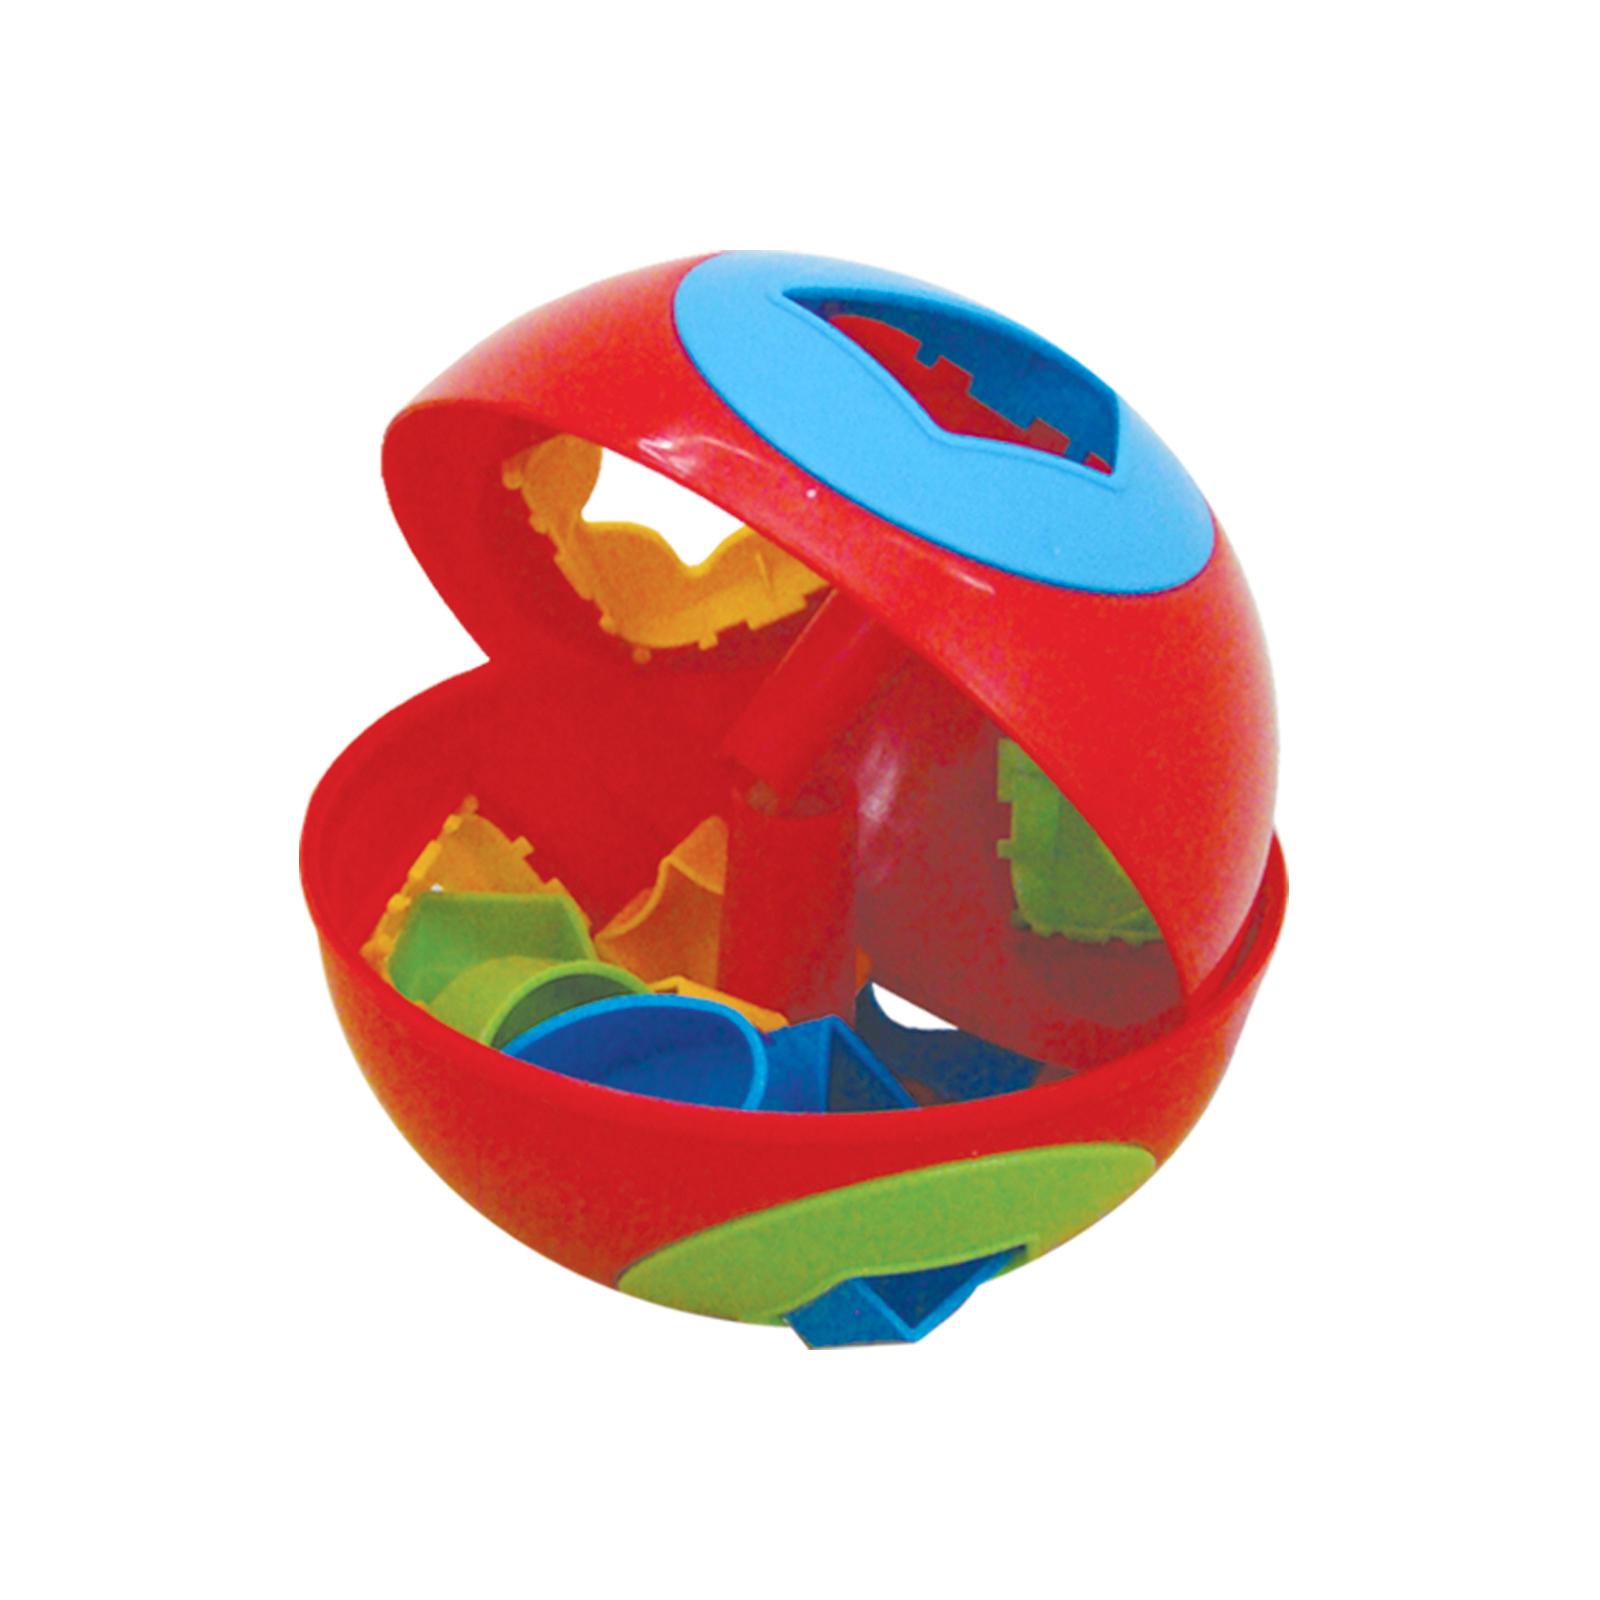 Развивающая игрушка Технок Умный малыш Шар (2247) изображение 2